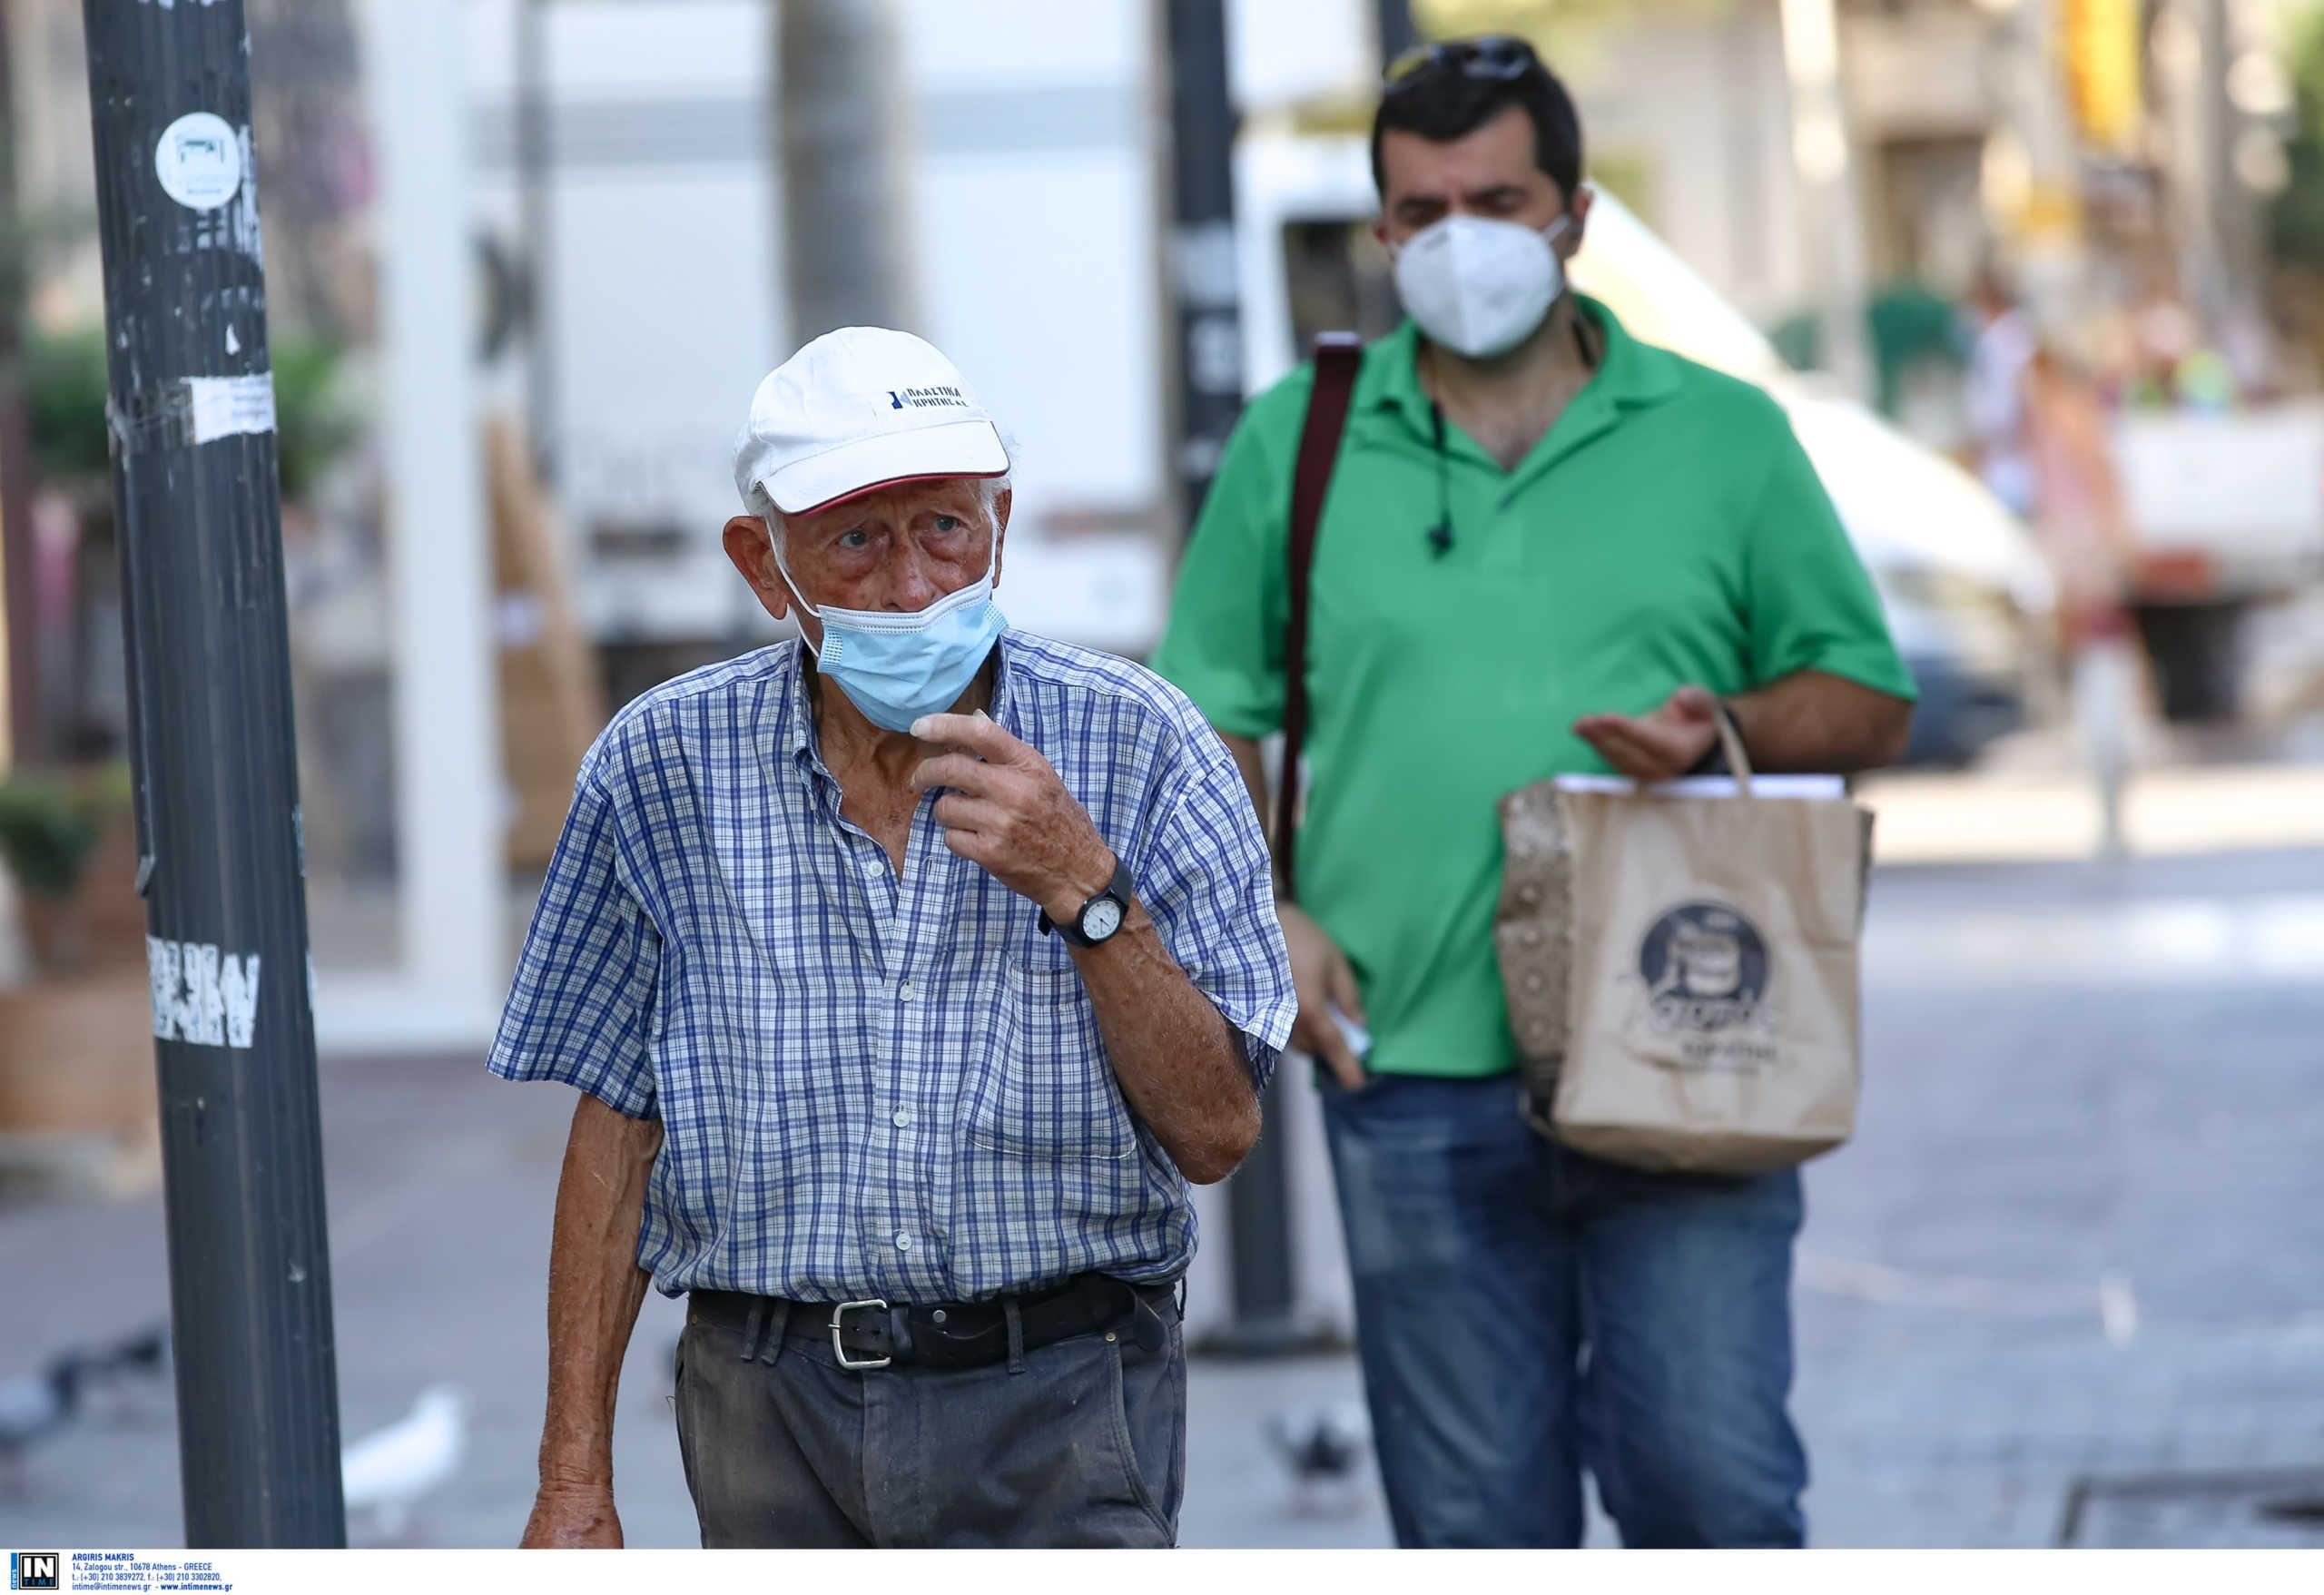 Κορονοϊός: Ποιοι παίρνουν απαλλαγή από τη χρήση μάσκας